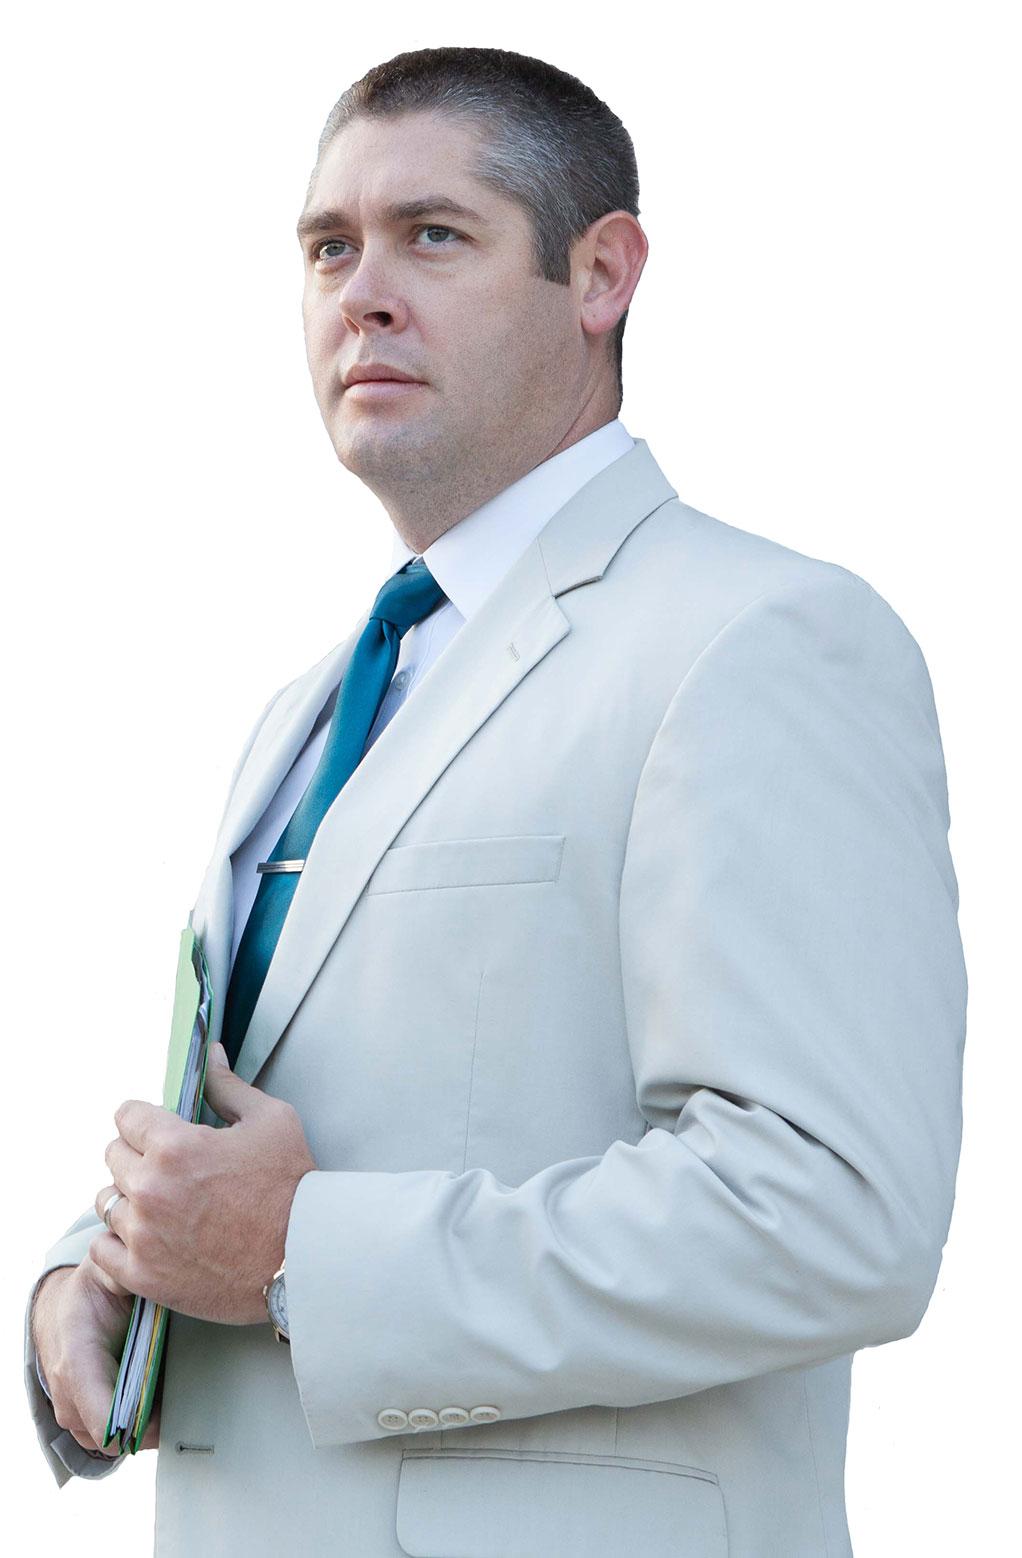 Image of Thomas Amburgey on white background